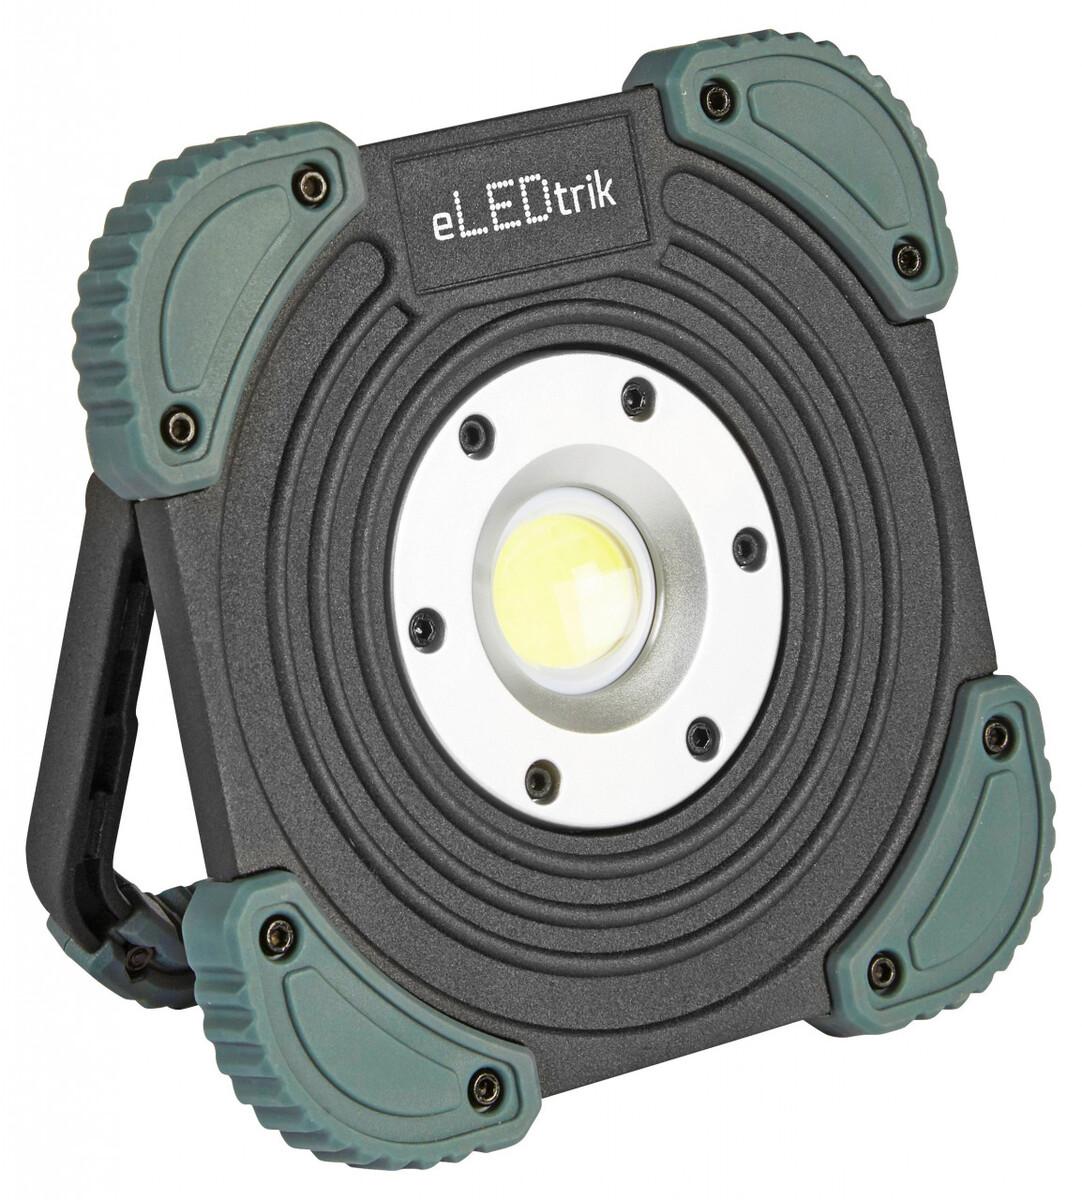 Bild 1 von eLEDtrik LED Arbeitslichter, 10 W